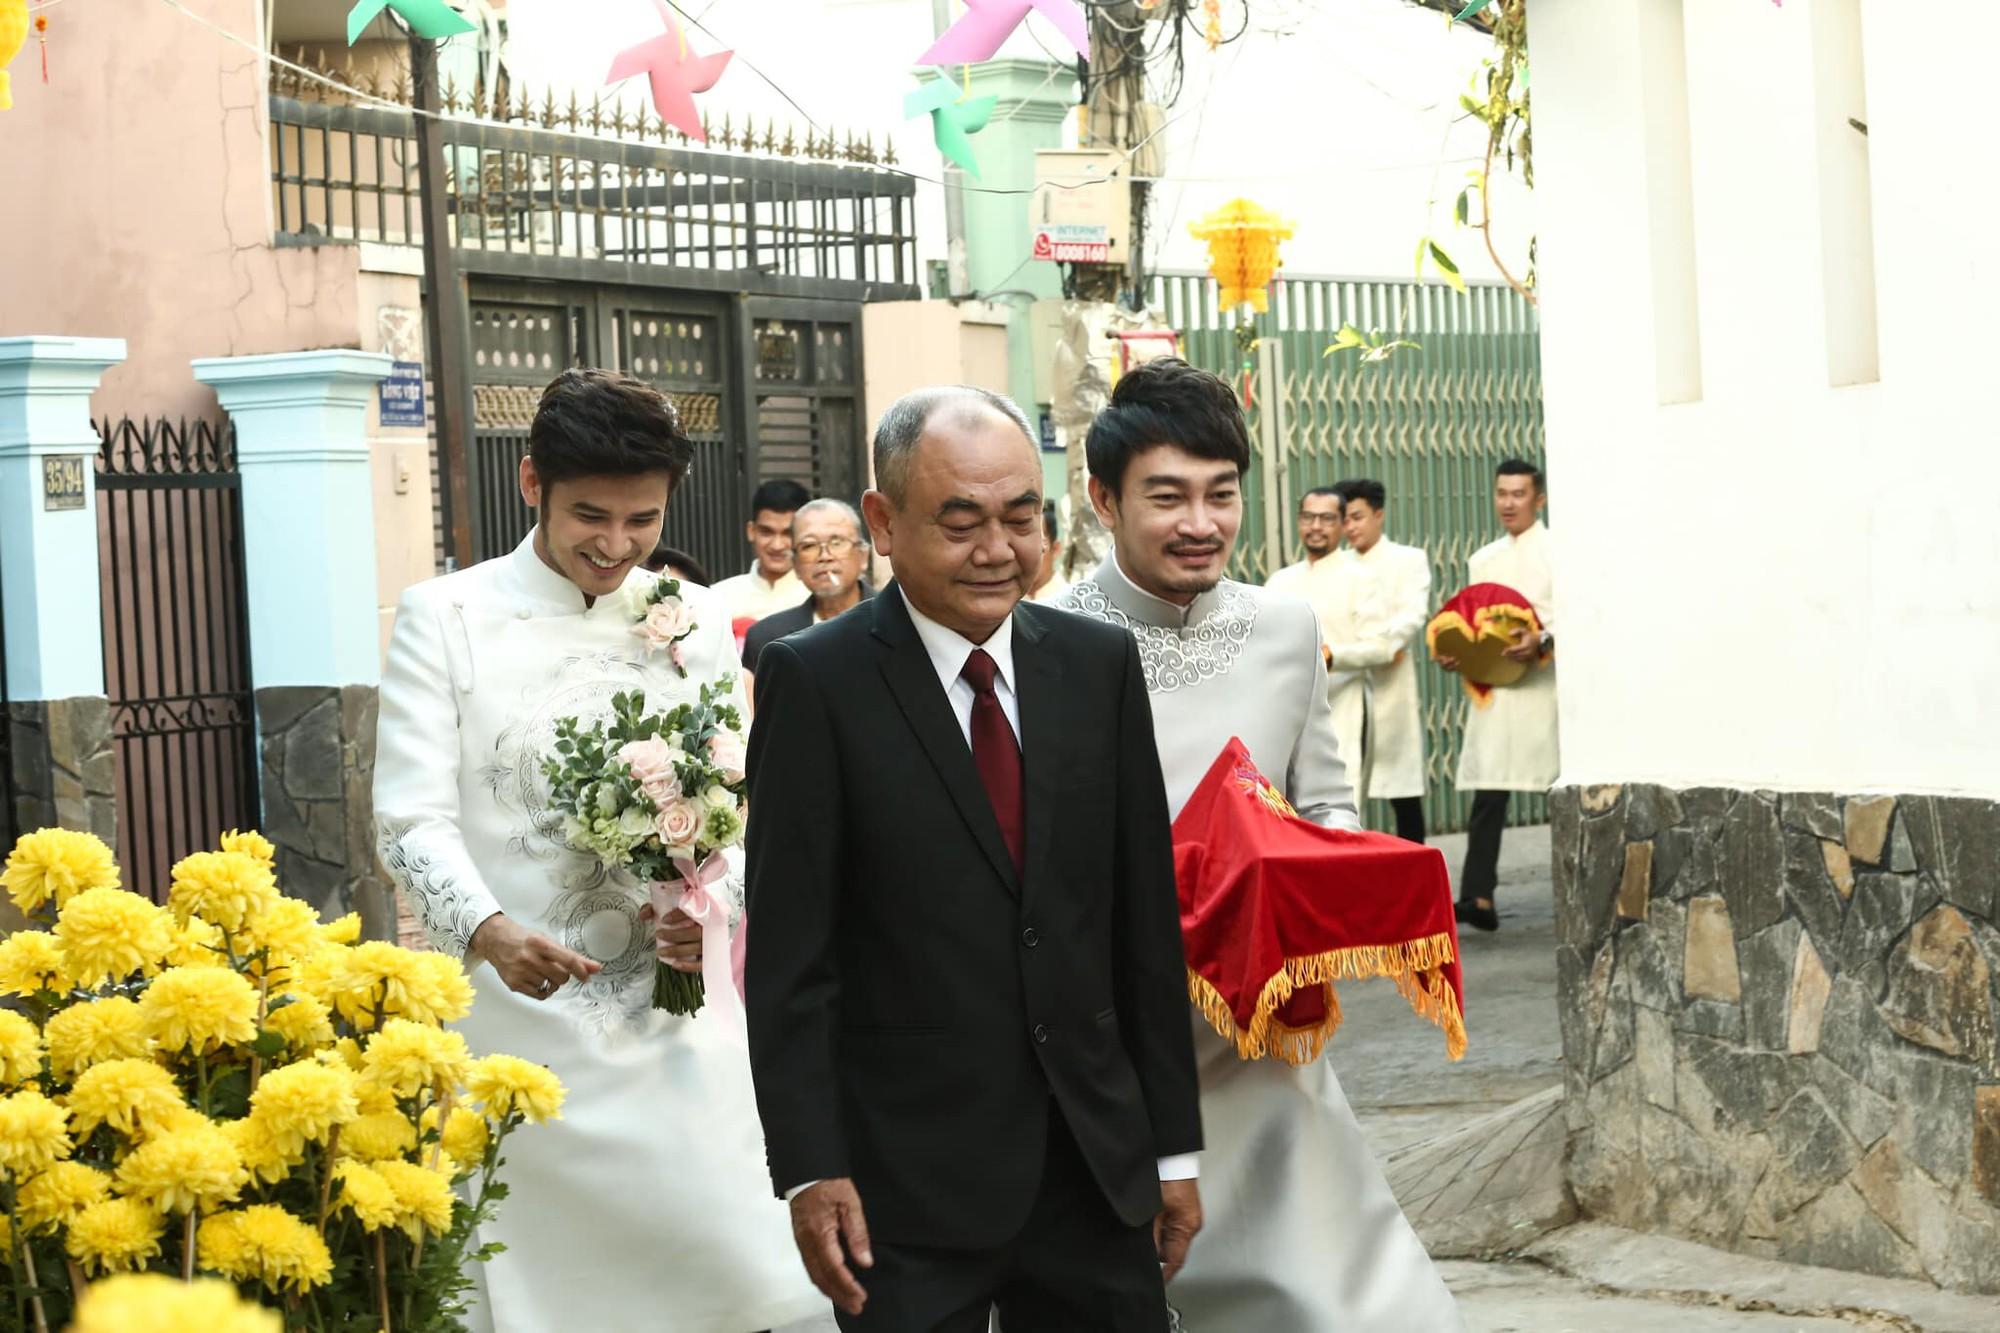 Vợ chồng Ái Châu - Huỳnh Đông cùng dàn diễn viên nổi tiếng bưng quả trong đám hỏi sao nữ Gạo nếp gạo tẻ - Ảnh 2.